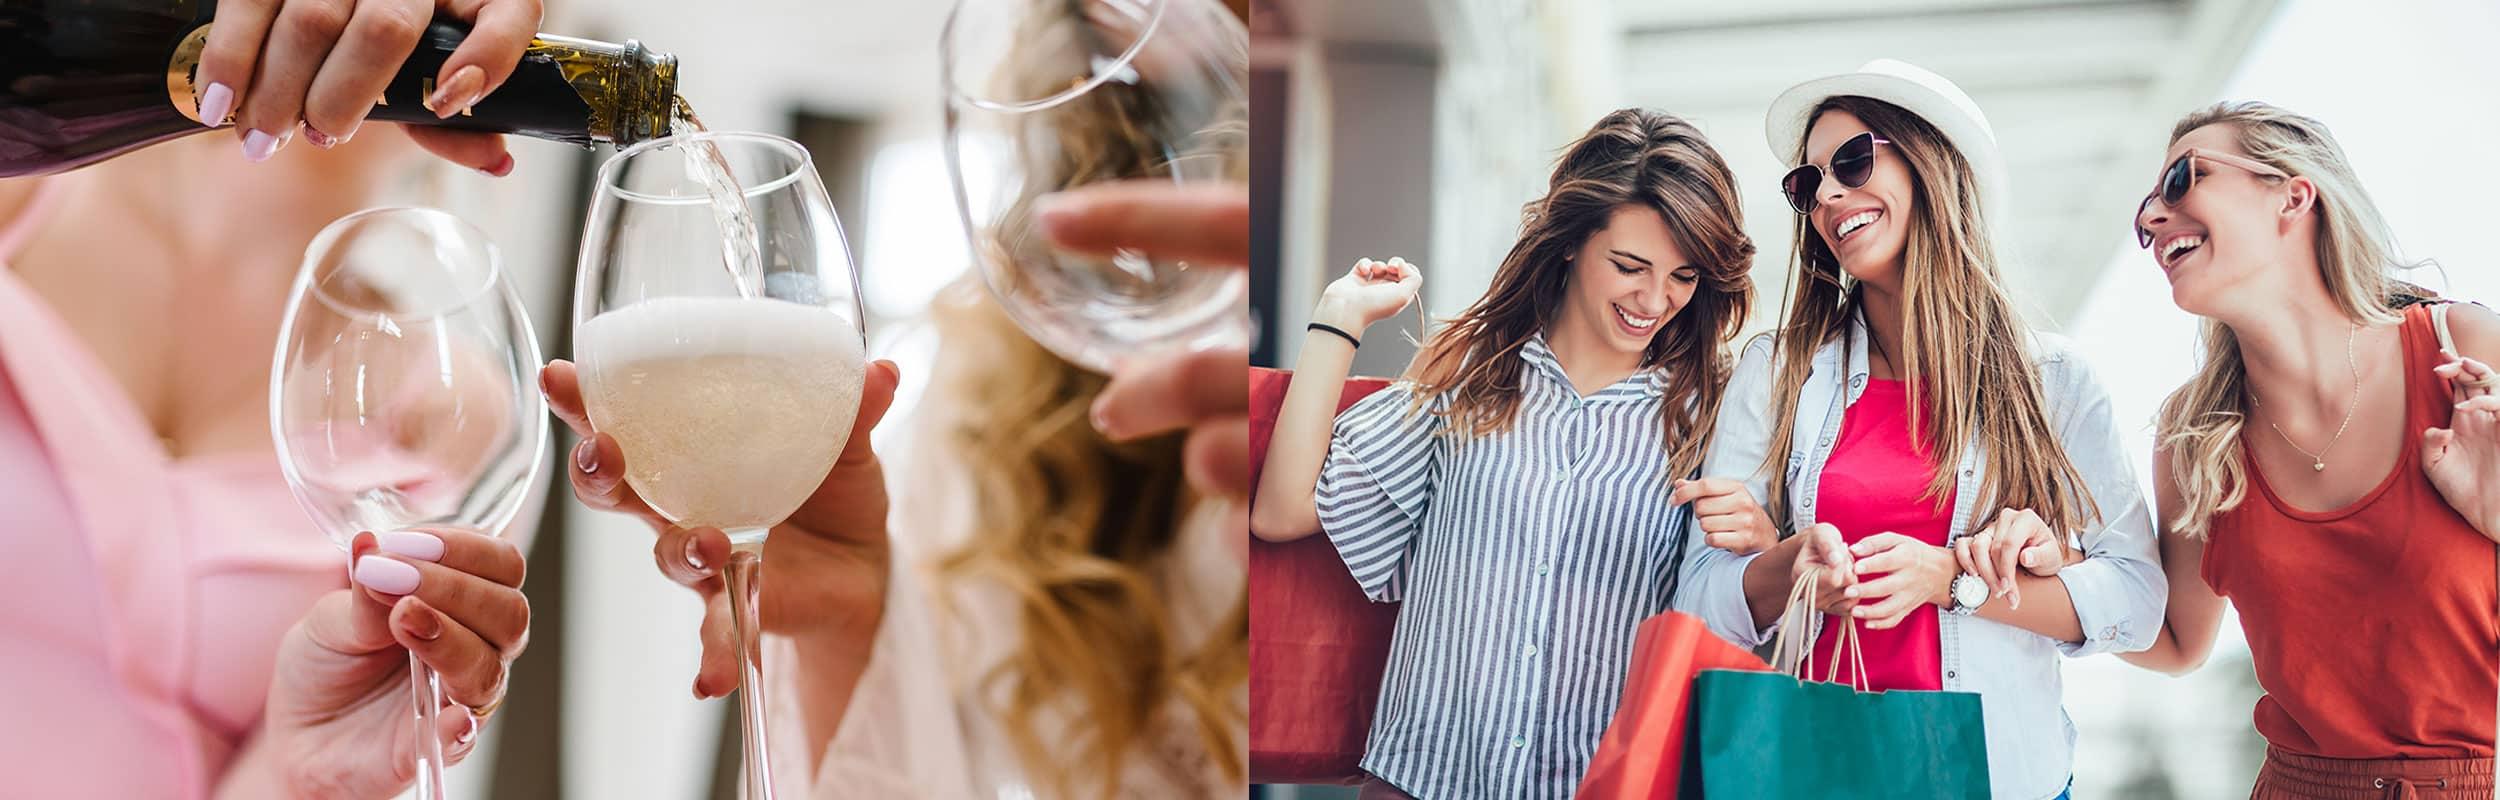 vin og shopping